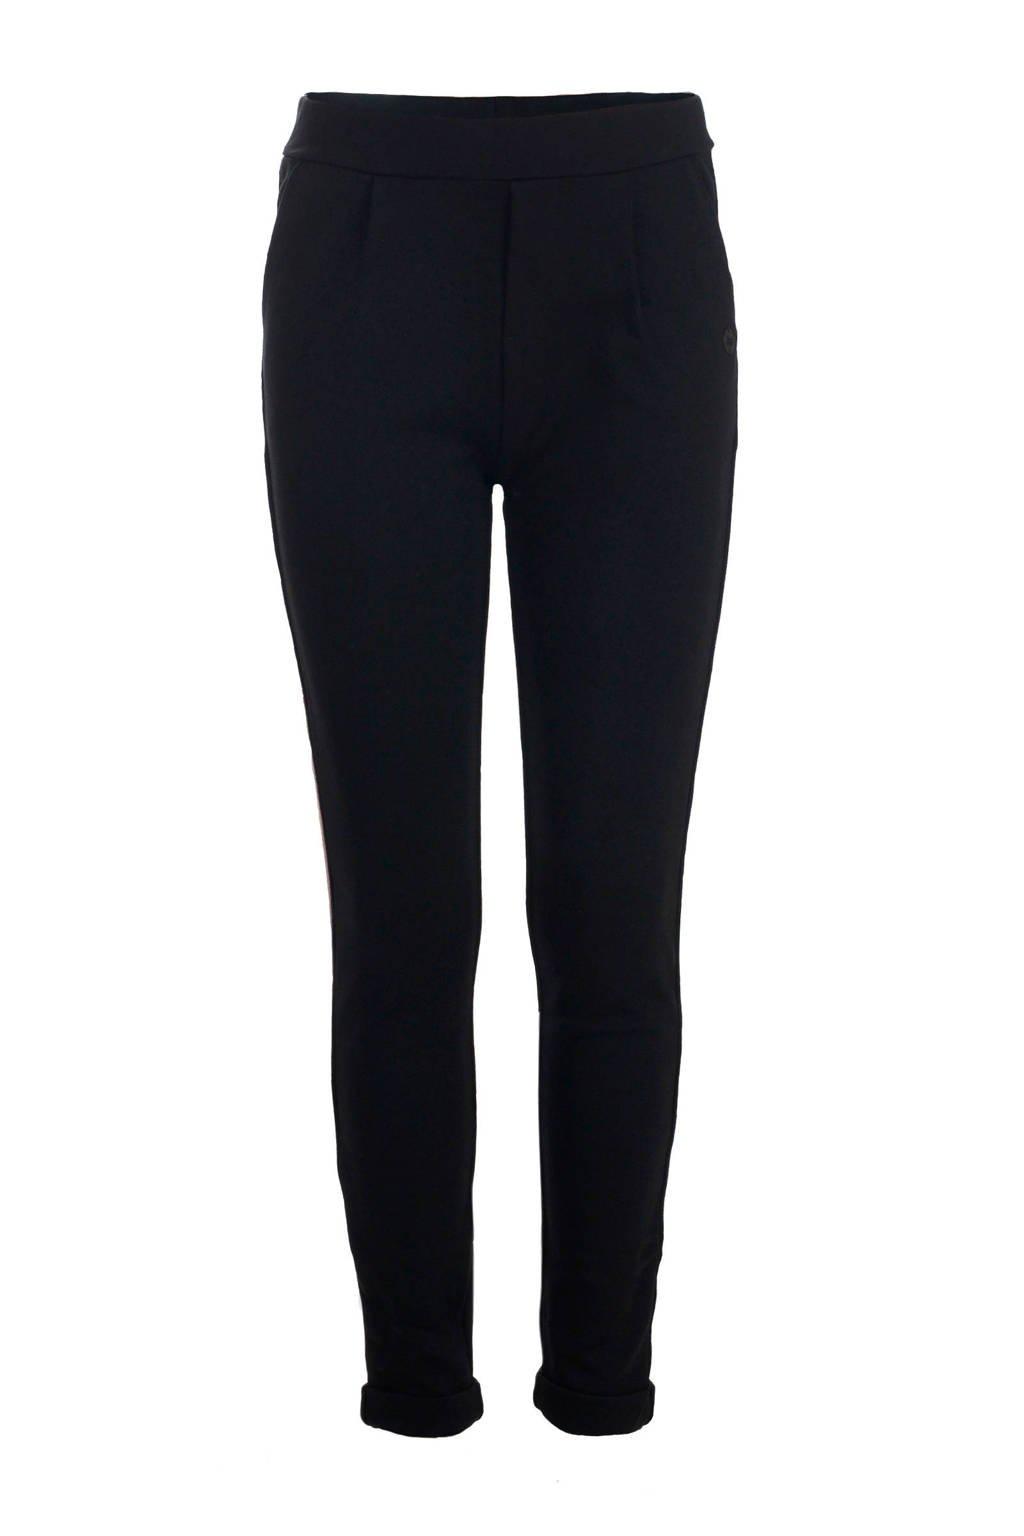 Jill skinny broek Stripe met zijstreep zwart/goud/koper, Zwart/goud/koper